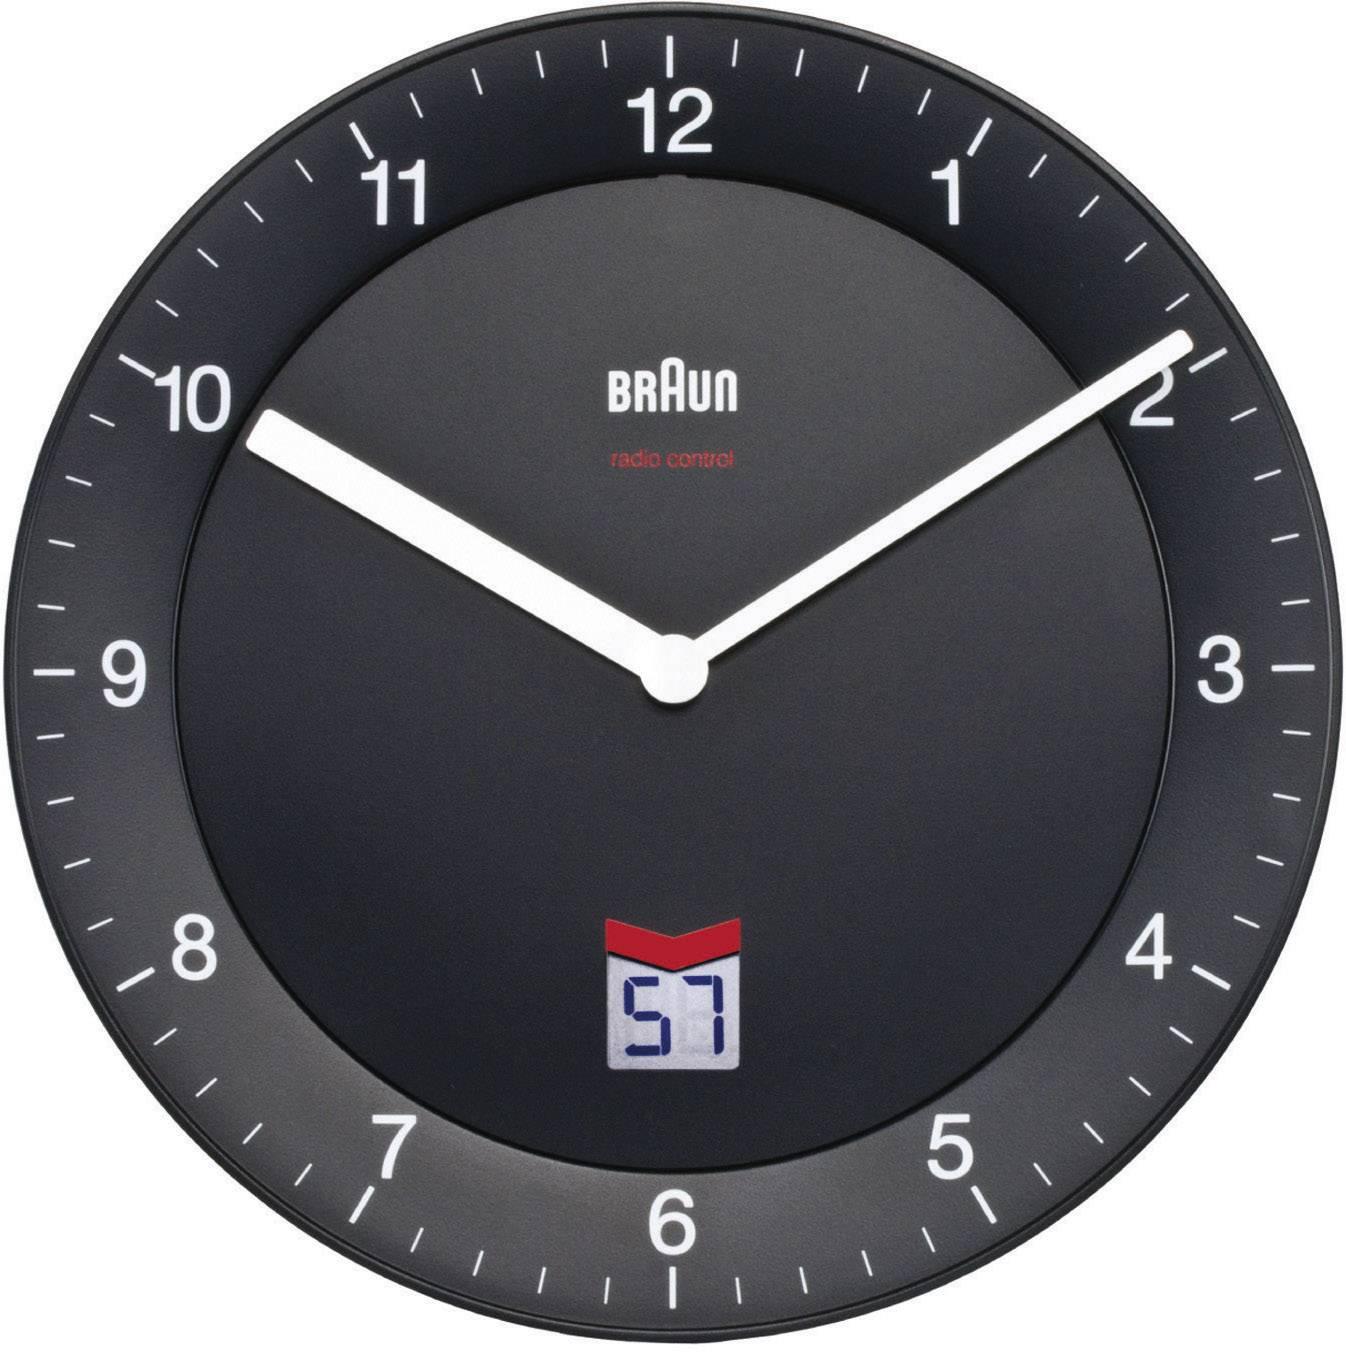 Analogové DCF nástěnné hodiny Braun, Ø 20 cm, černá